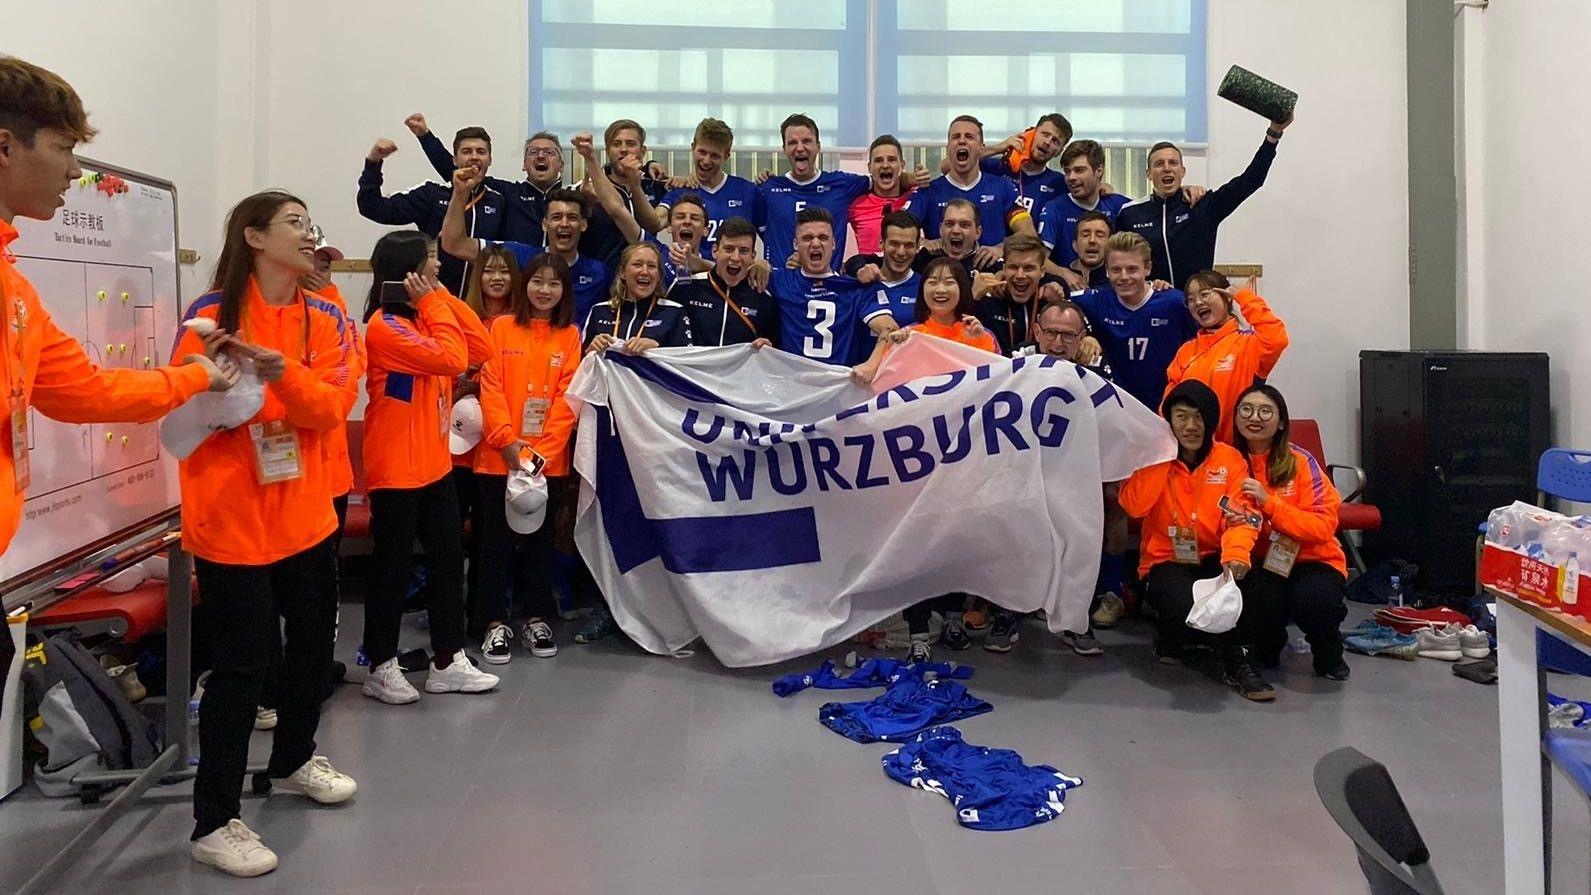 Die Fußballmannschaft der Uni Würzburg  in Jinjang